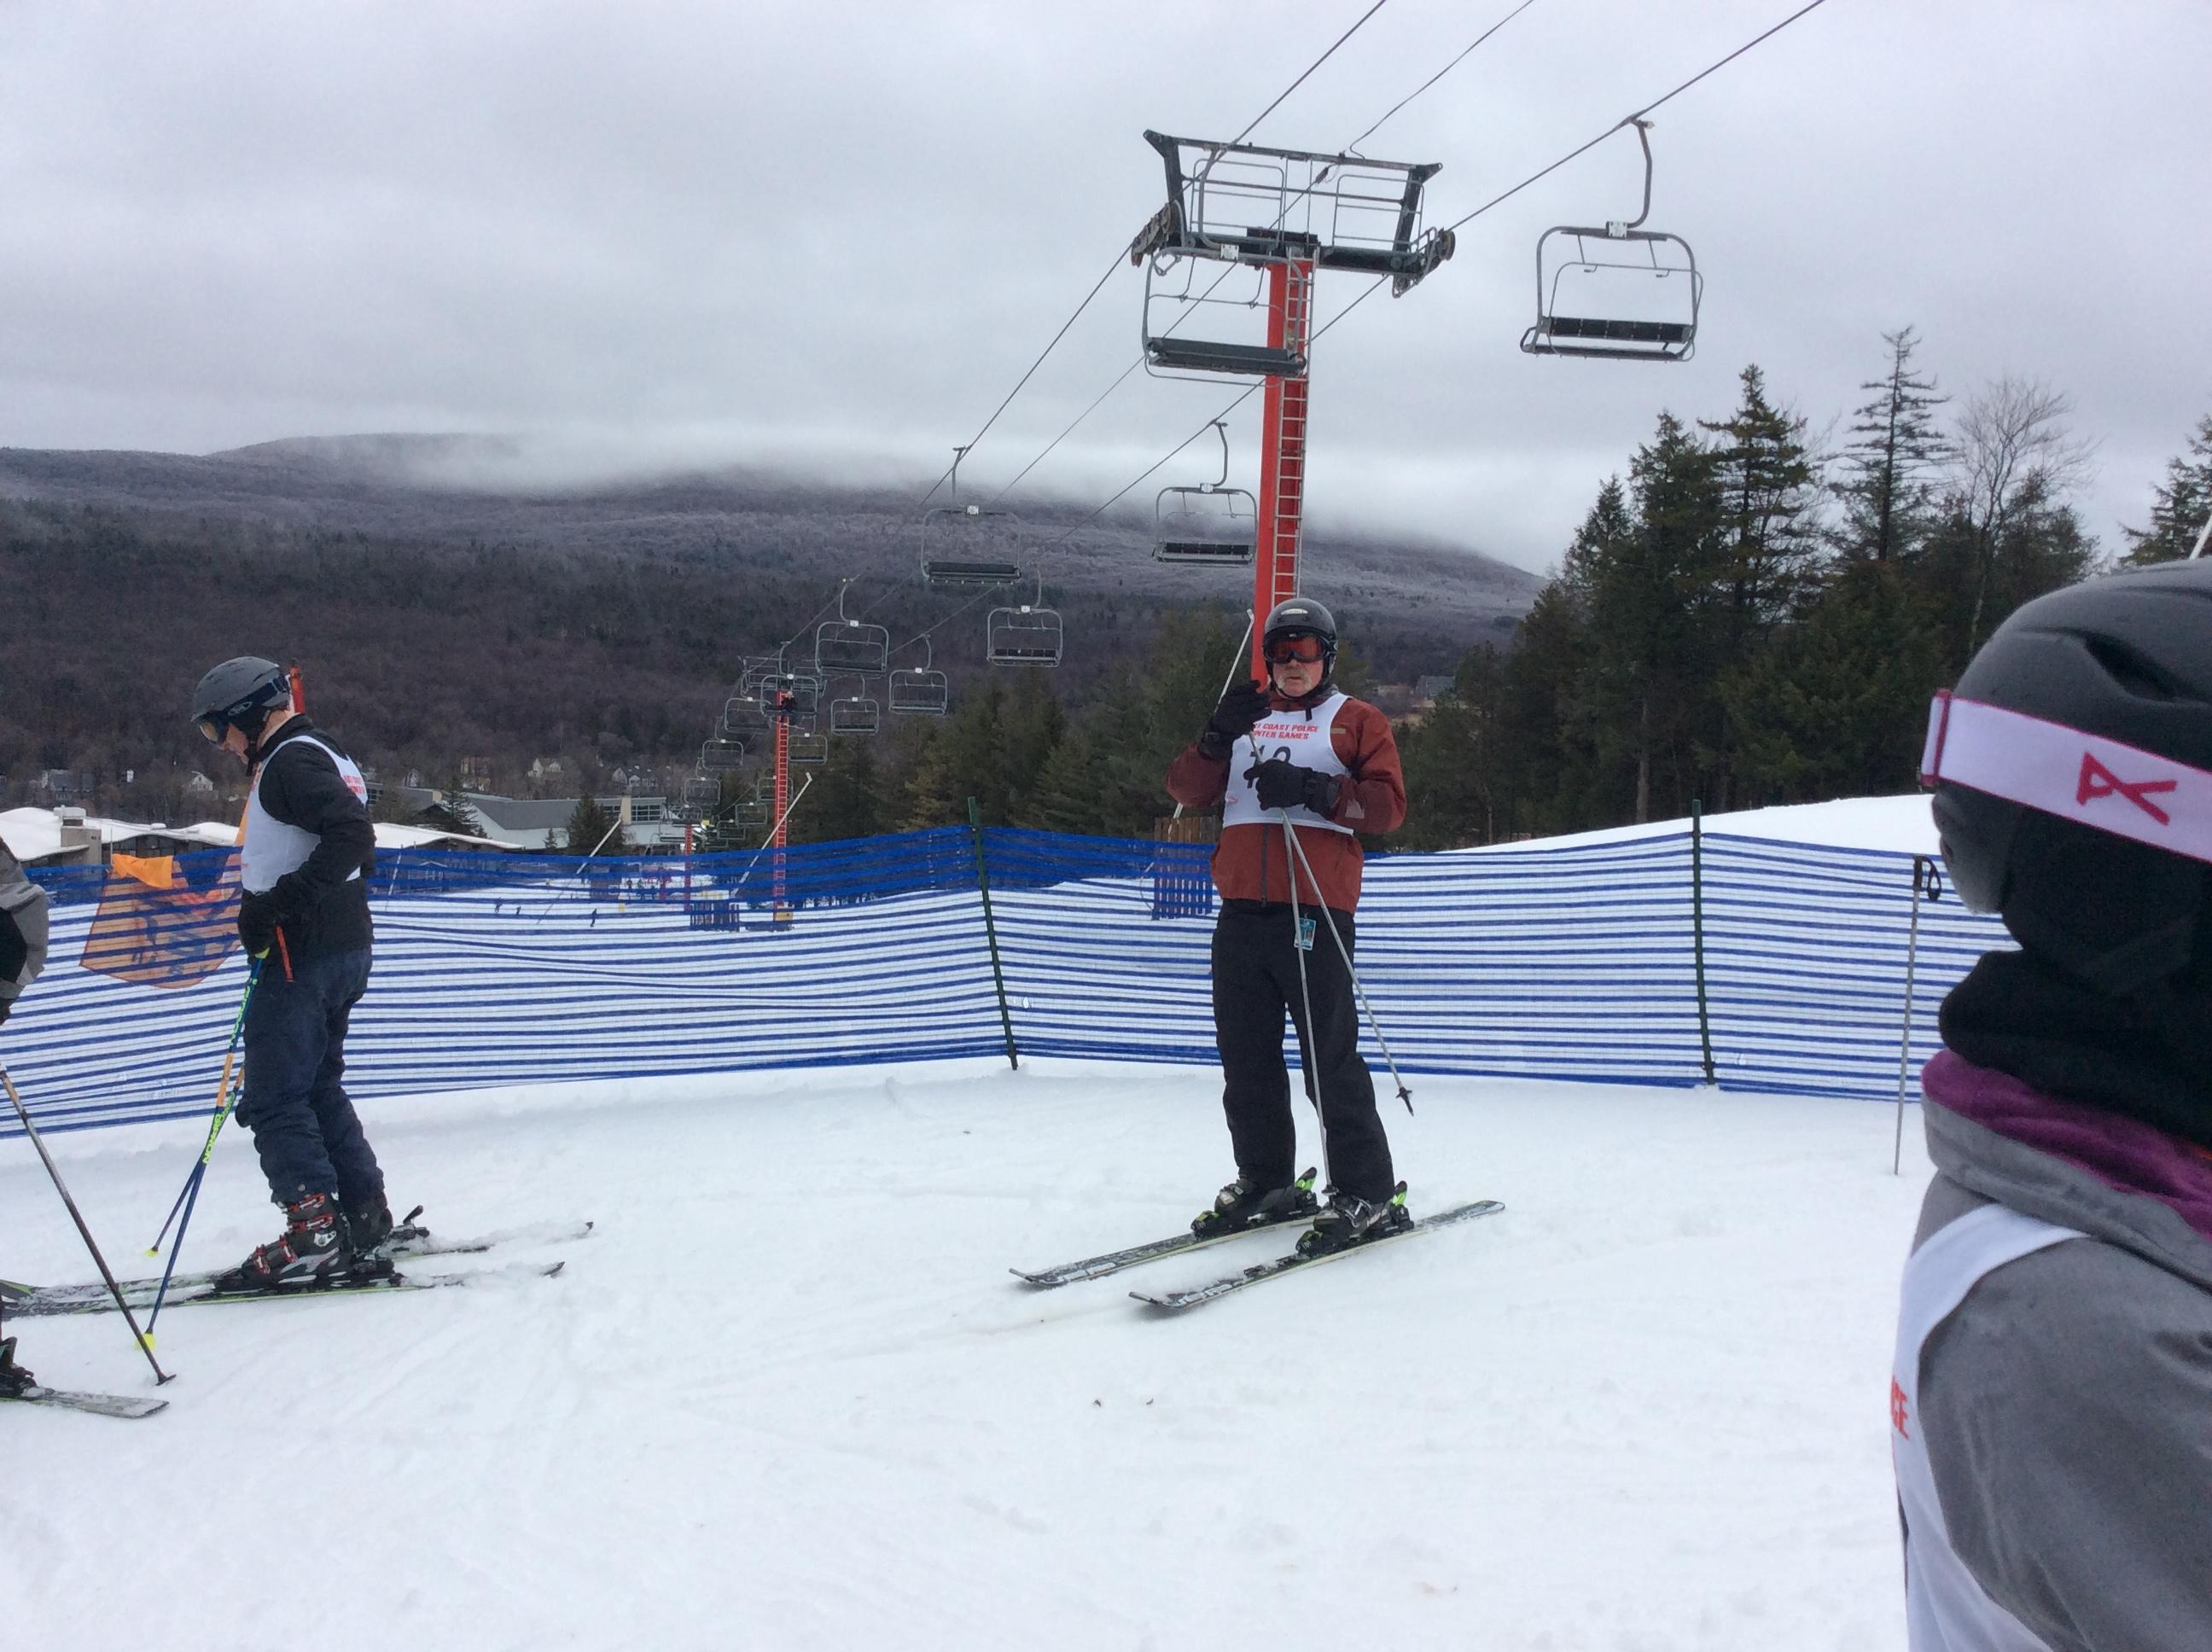 nypd-ski-club_32396163745_o